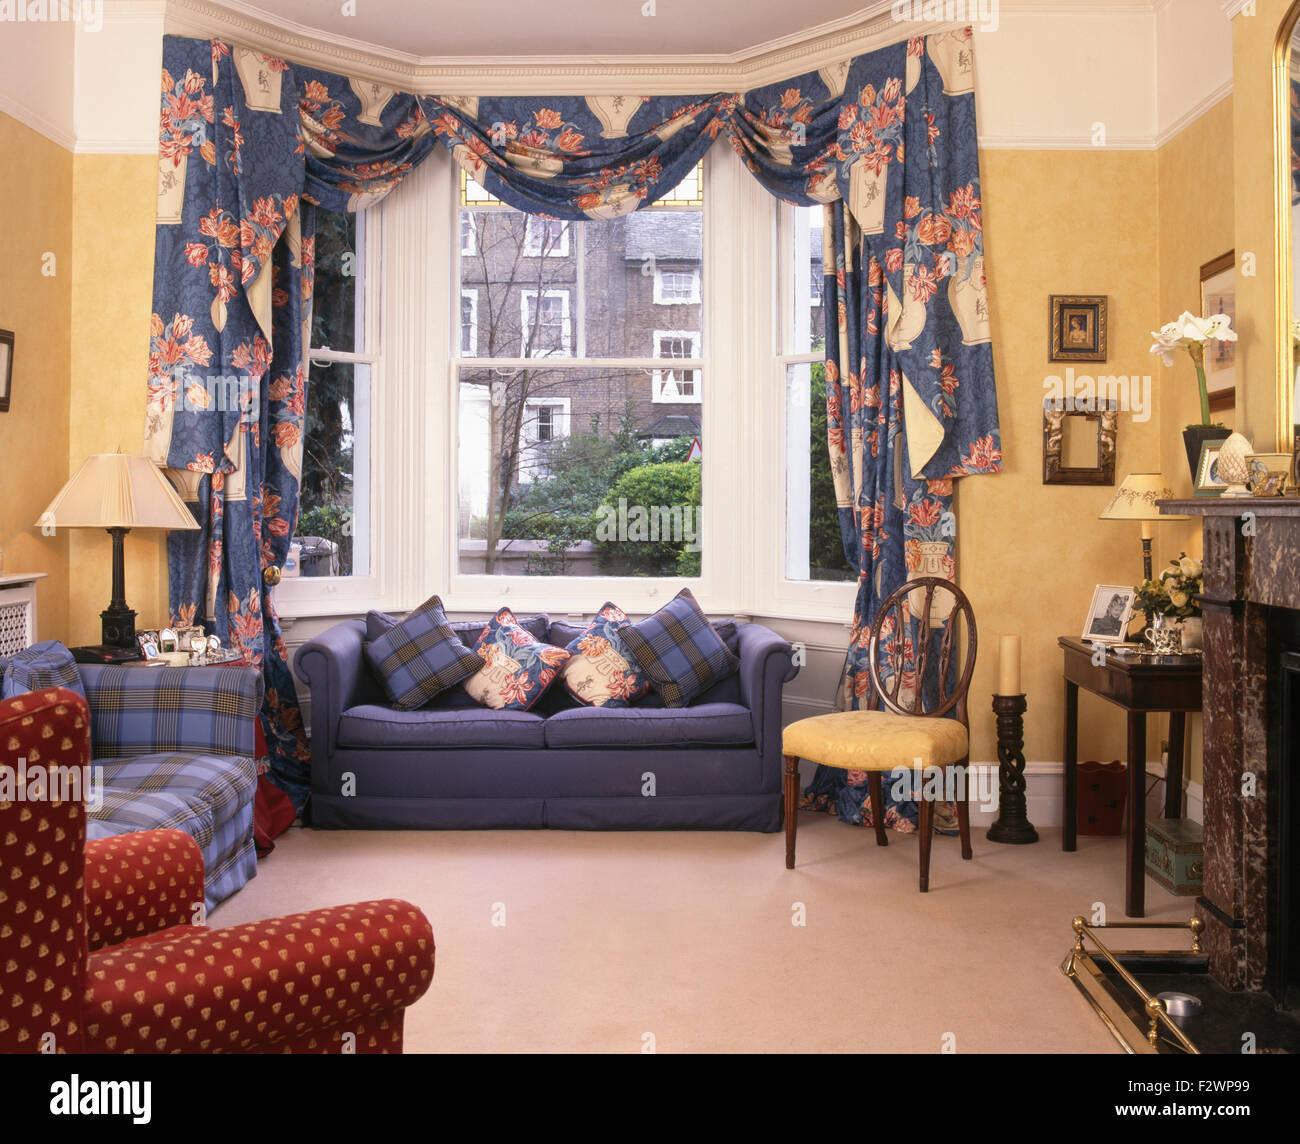 Gemusterte Swagged + Tailed Vorhänge An Erker Oben Blau Gelb Der Neunziger  Jahre Wohnzimmer Sofa